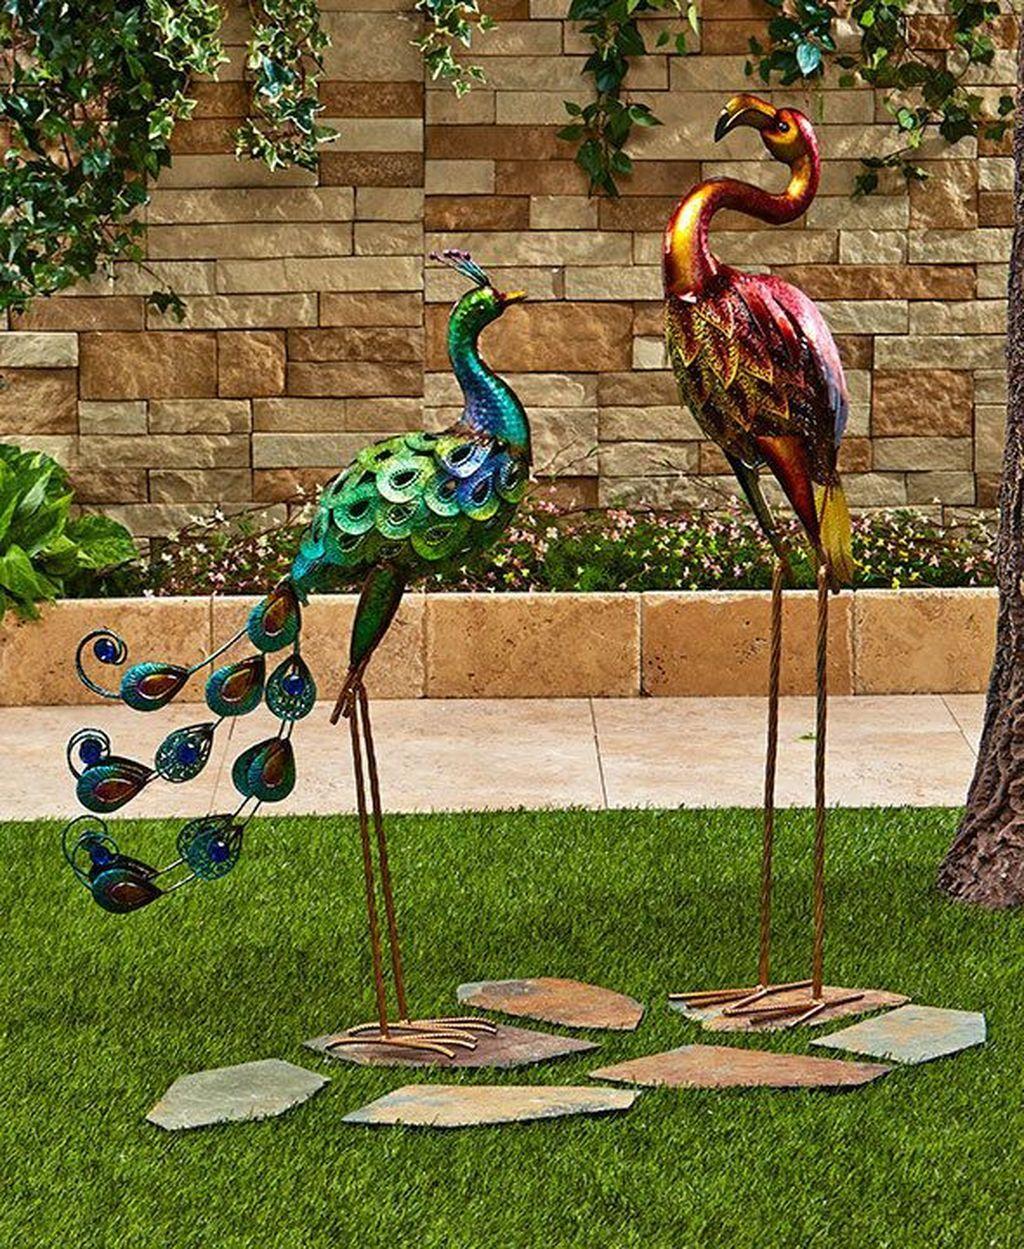 42 Great Outdoor Metal Decor Ideas To Improve Your Garden Bird Decor Garden Statues Flamingo Garden